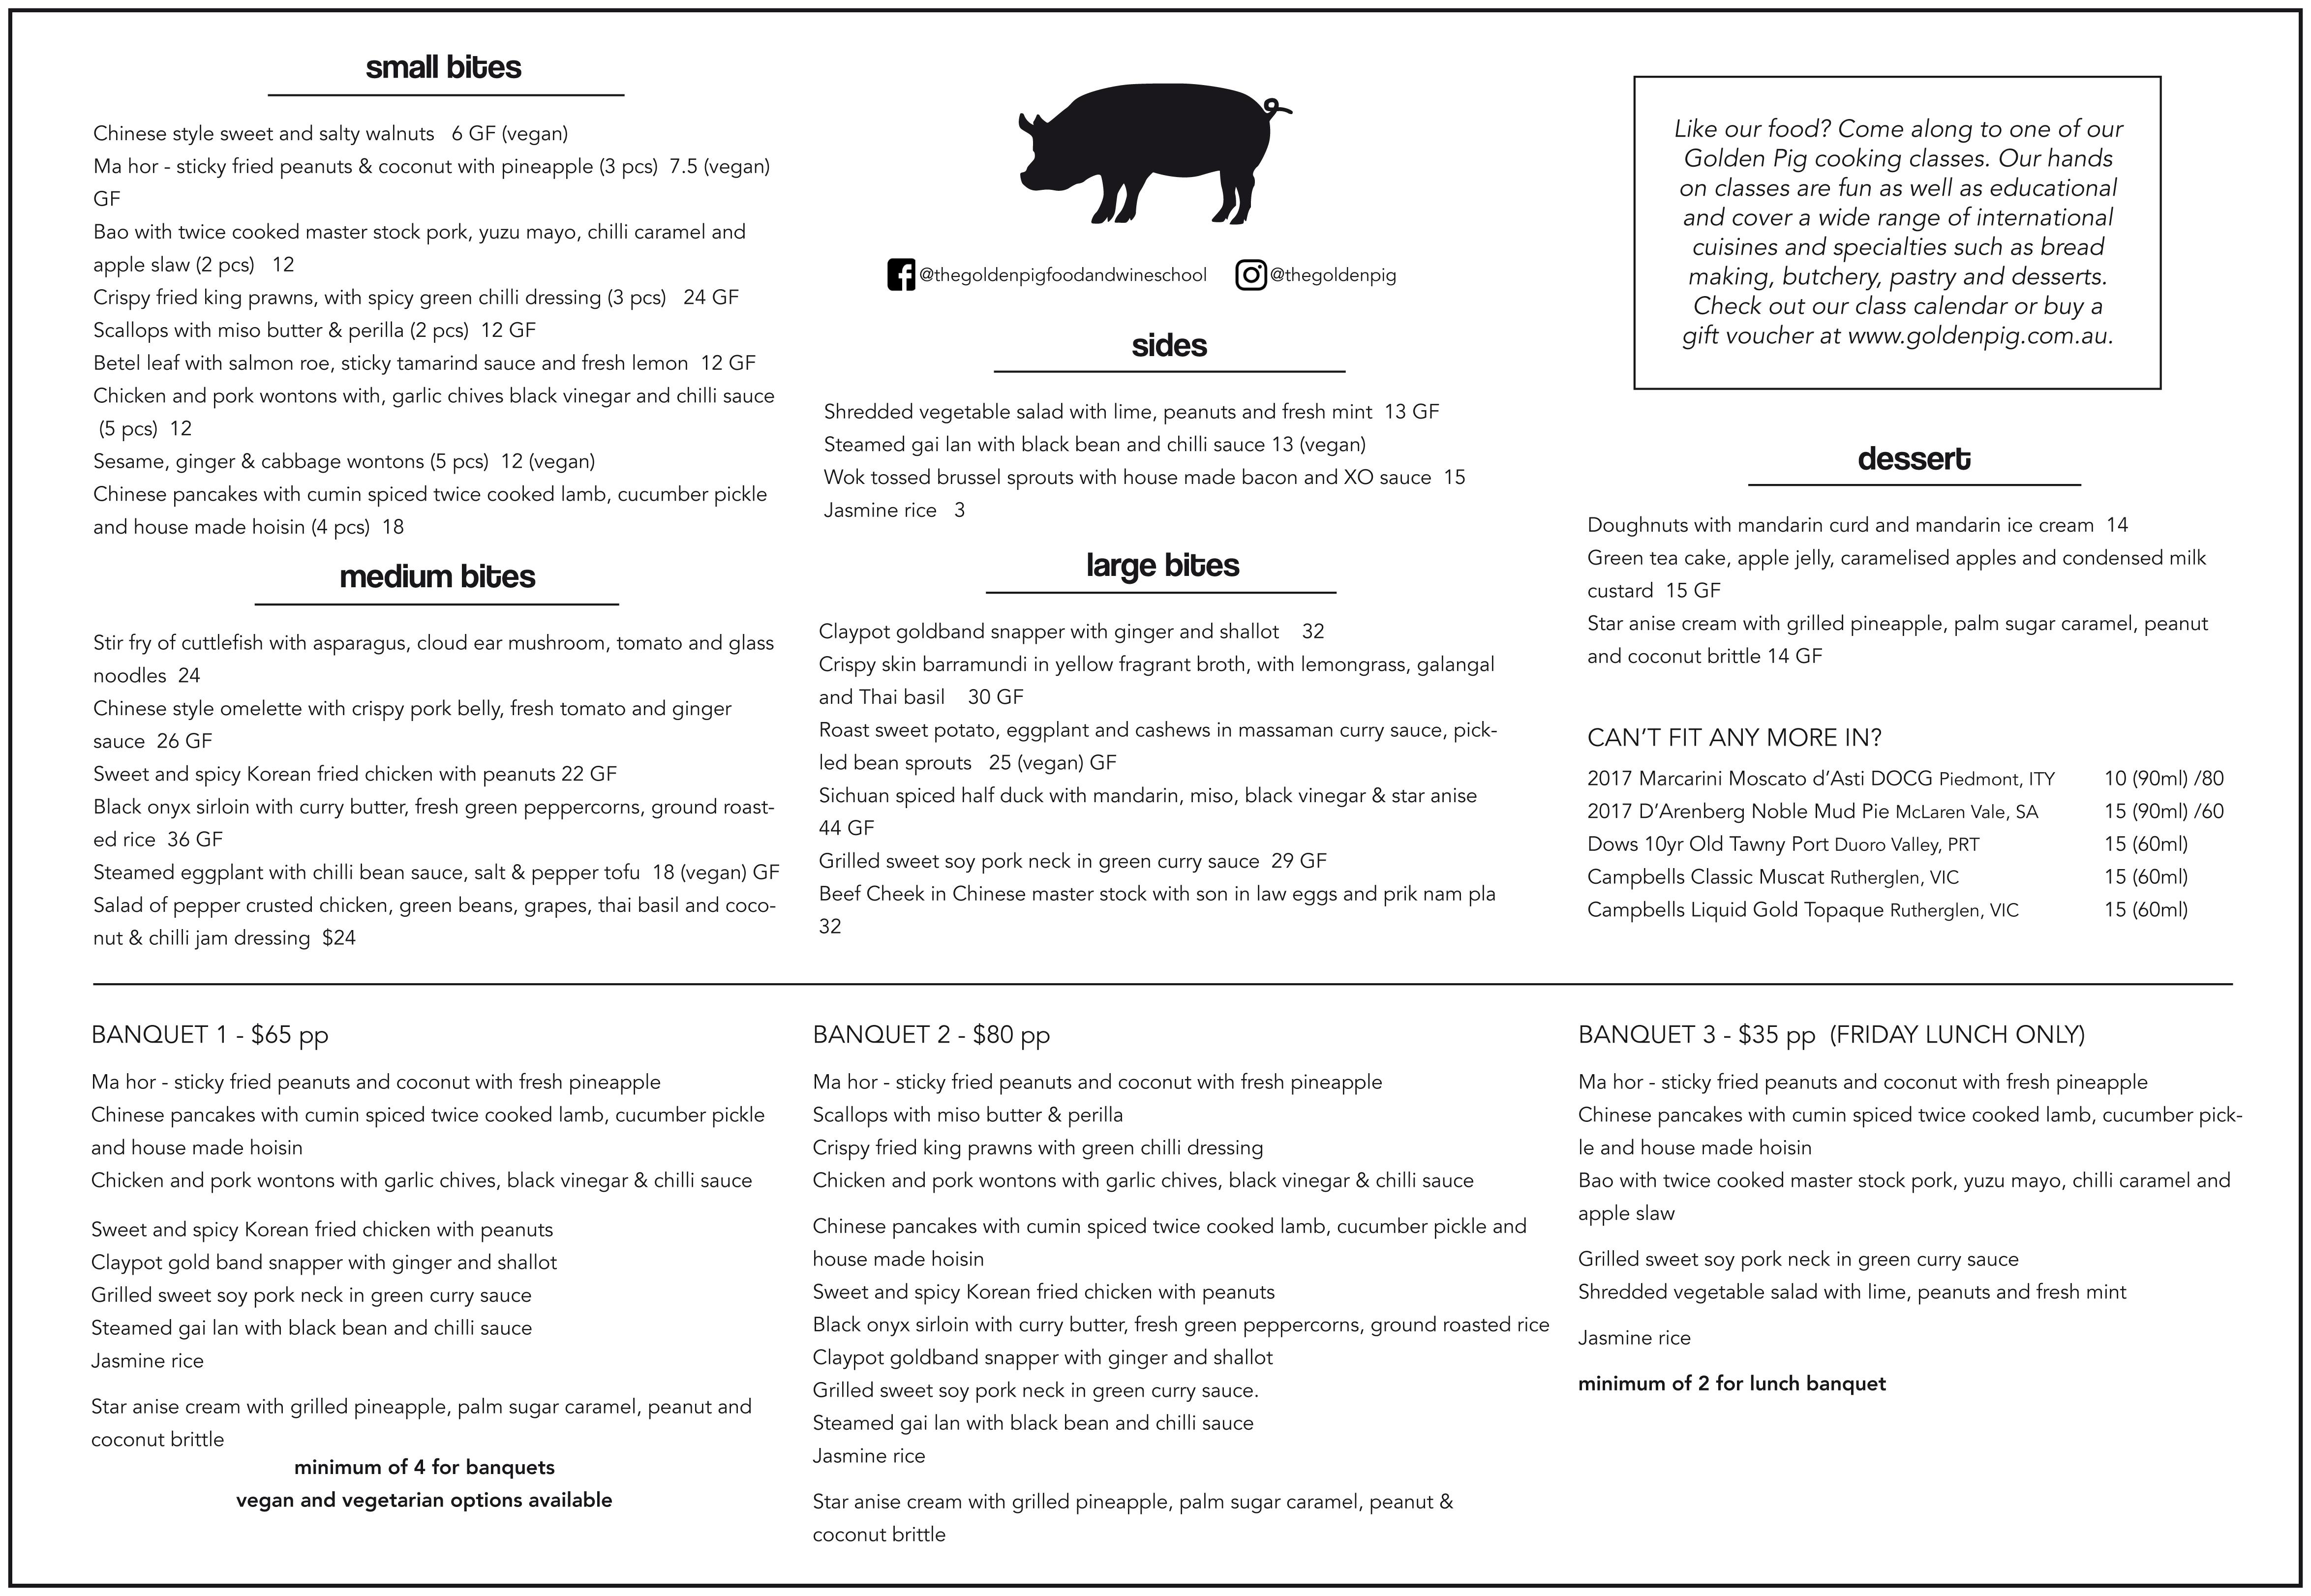 Golden Pig Restaurant menu